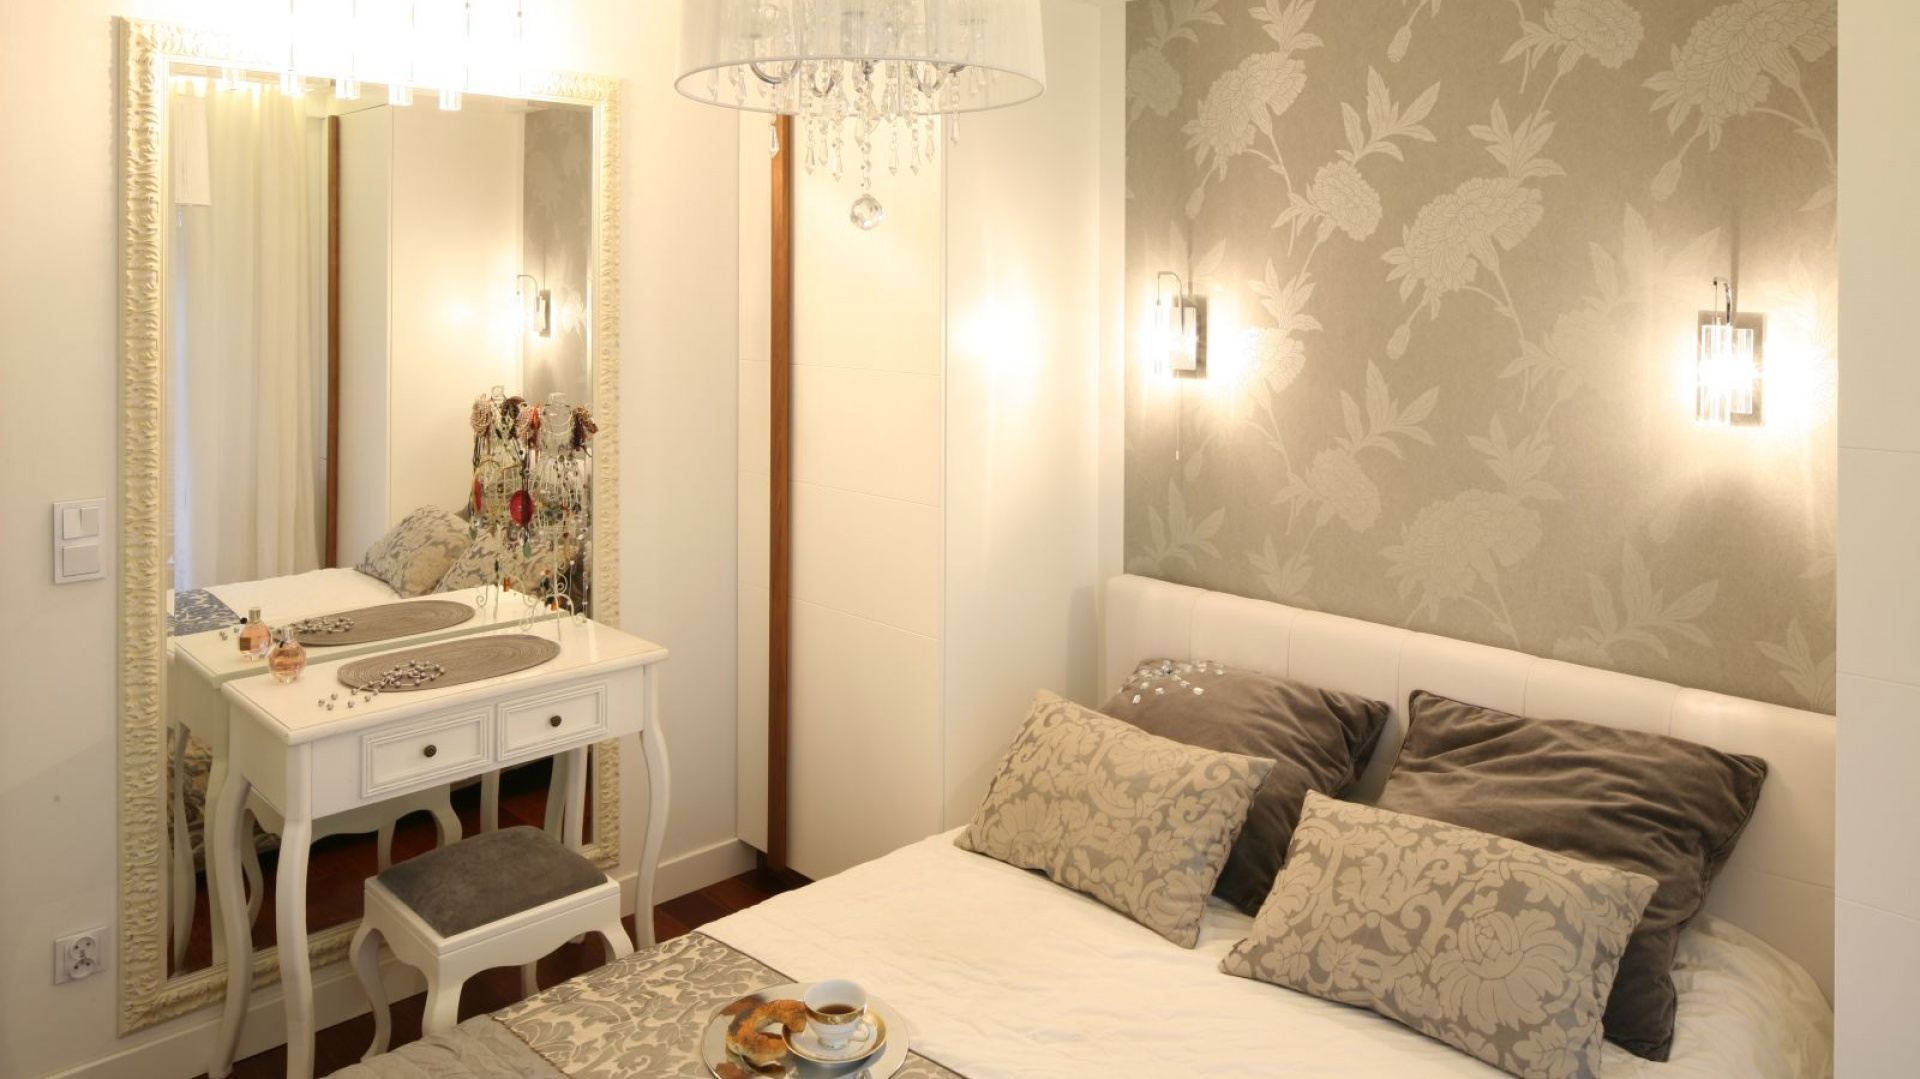 Okrągła lampa z kryształkami podkreśla glamourowy styl jasnej sypialni. Uroku dodają też kinkiety oraz kryształowe oświetlenie toaletki. Projekt: Małgorzata Mazur. Fot. Bartosz Jarosz.